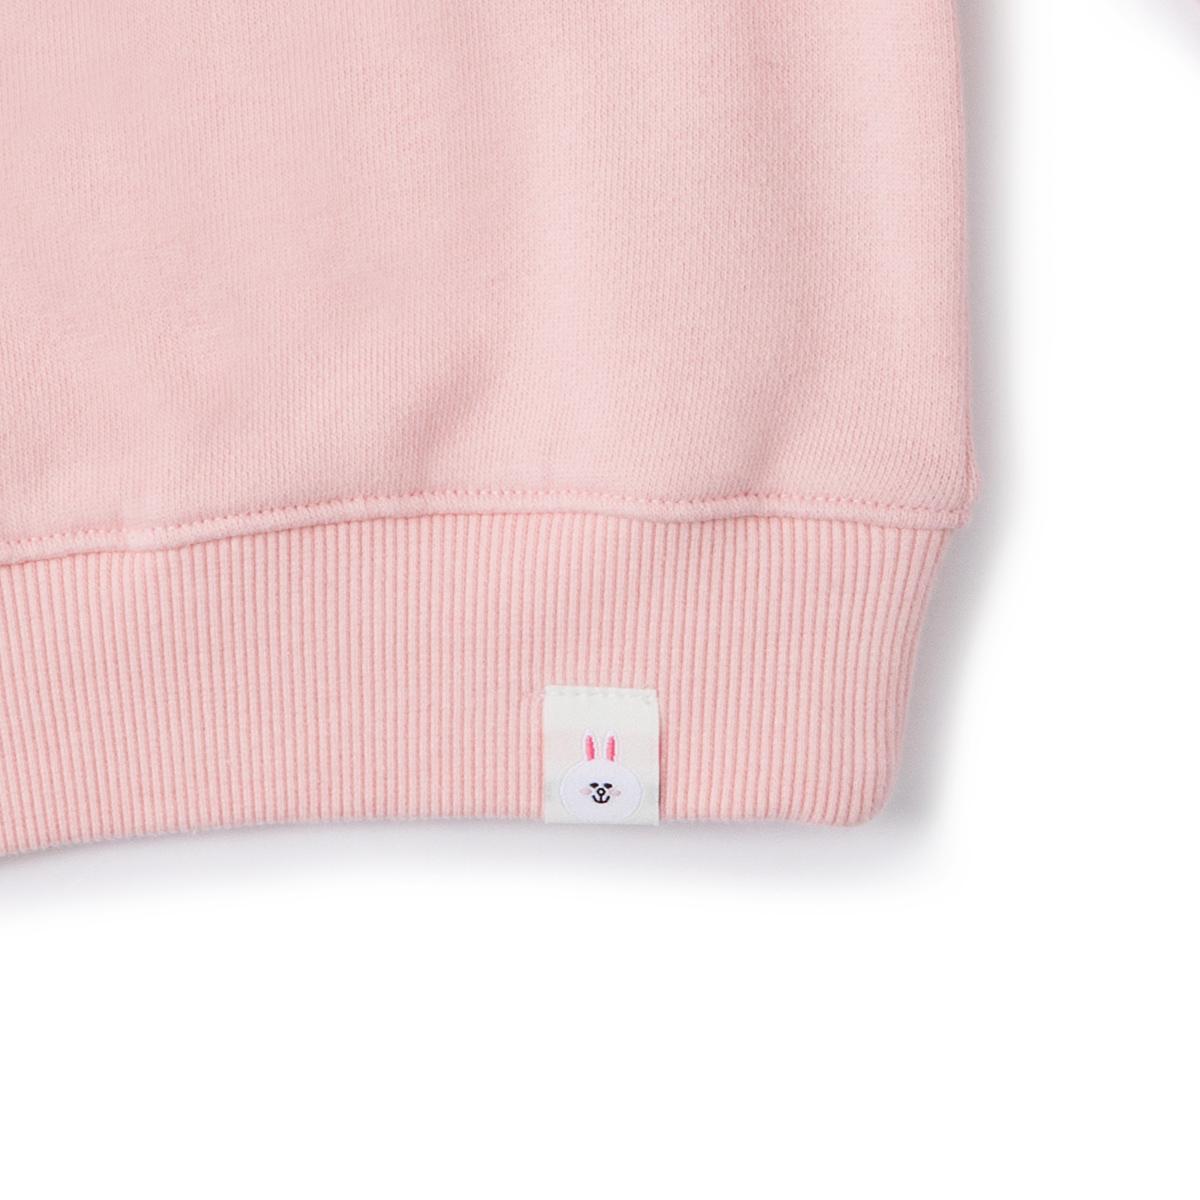 컬러타임 코니 키즈 면 후드 티셔츠